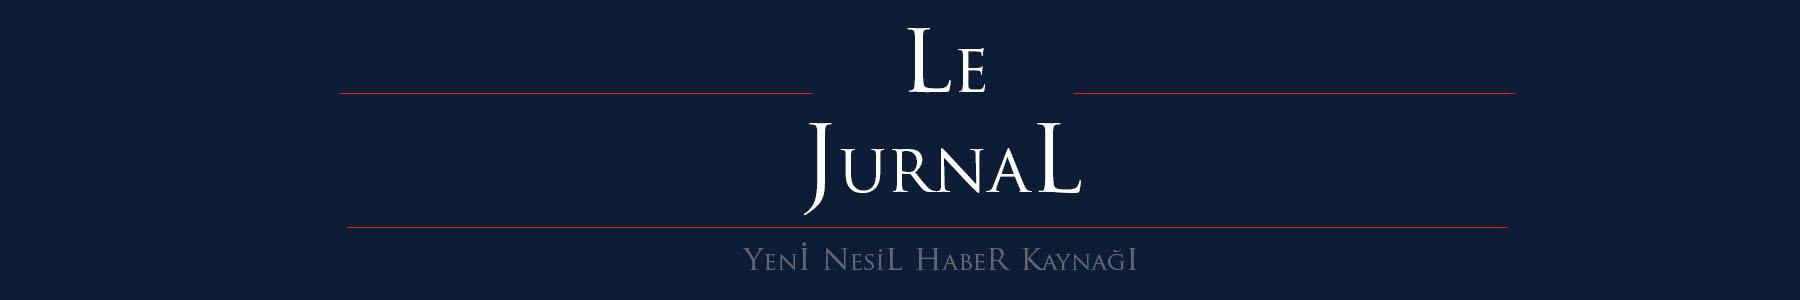 LeJurnal.com